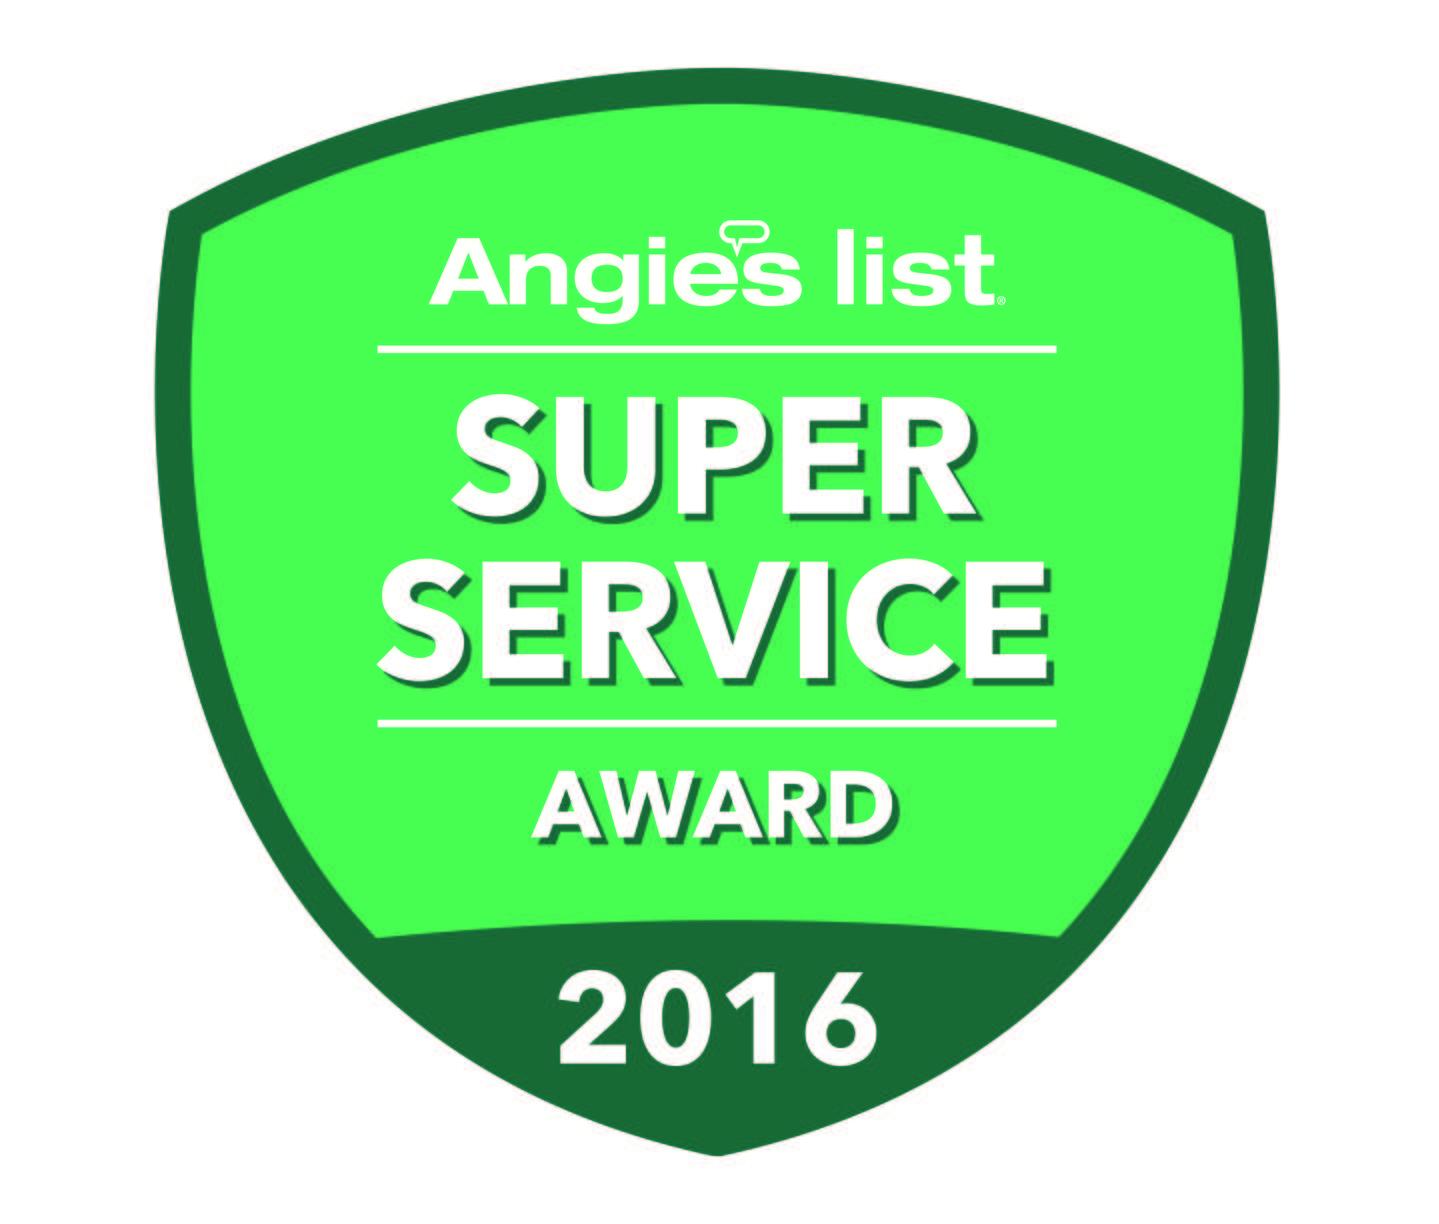 2016 Angies list Super Service award winners